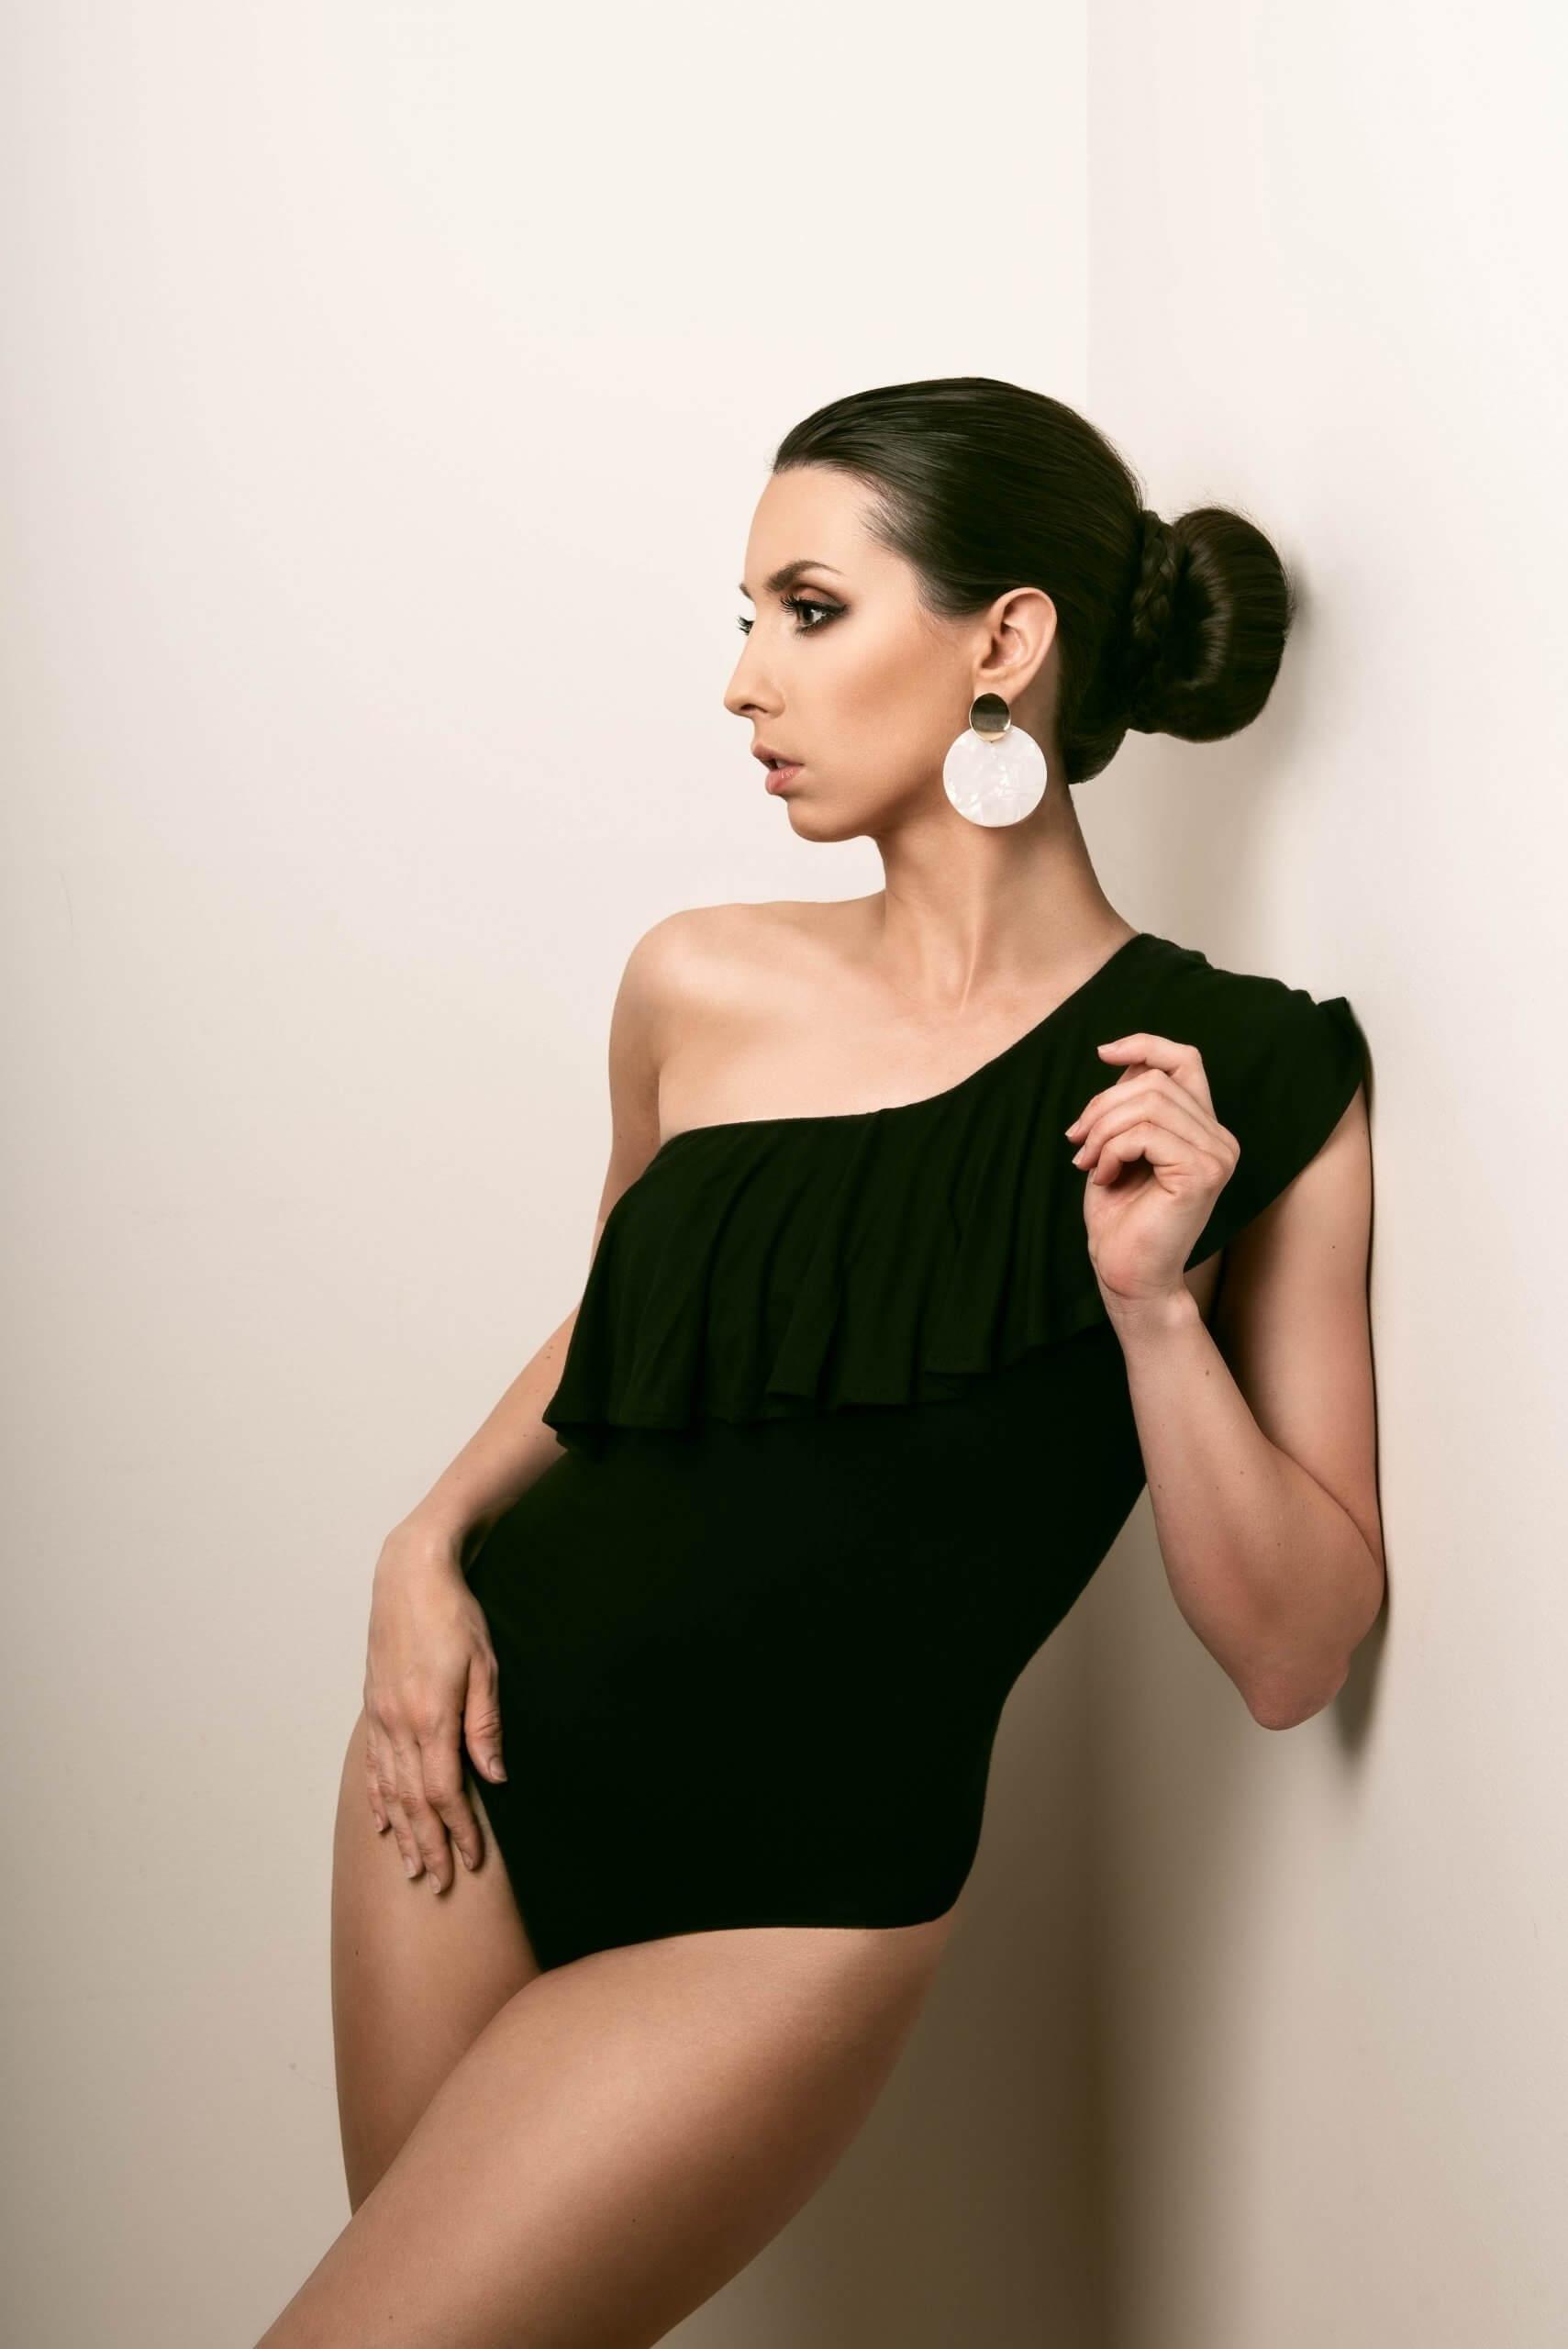 autoportrait inspiré de la danse classique avec un bodysuit noir et un chignon de ballerine